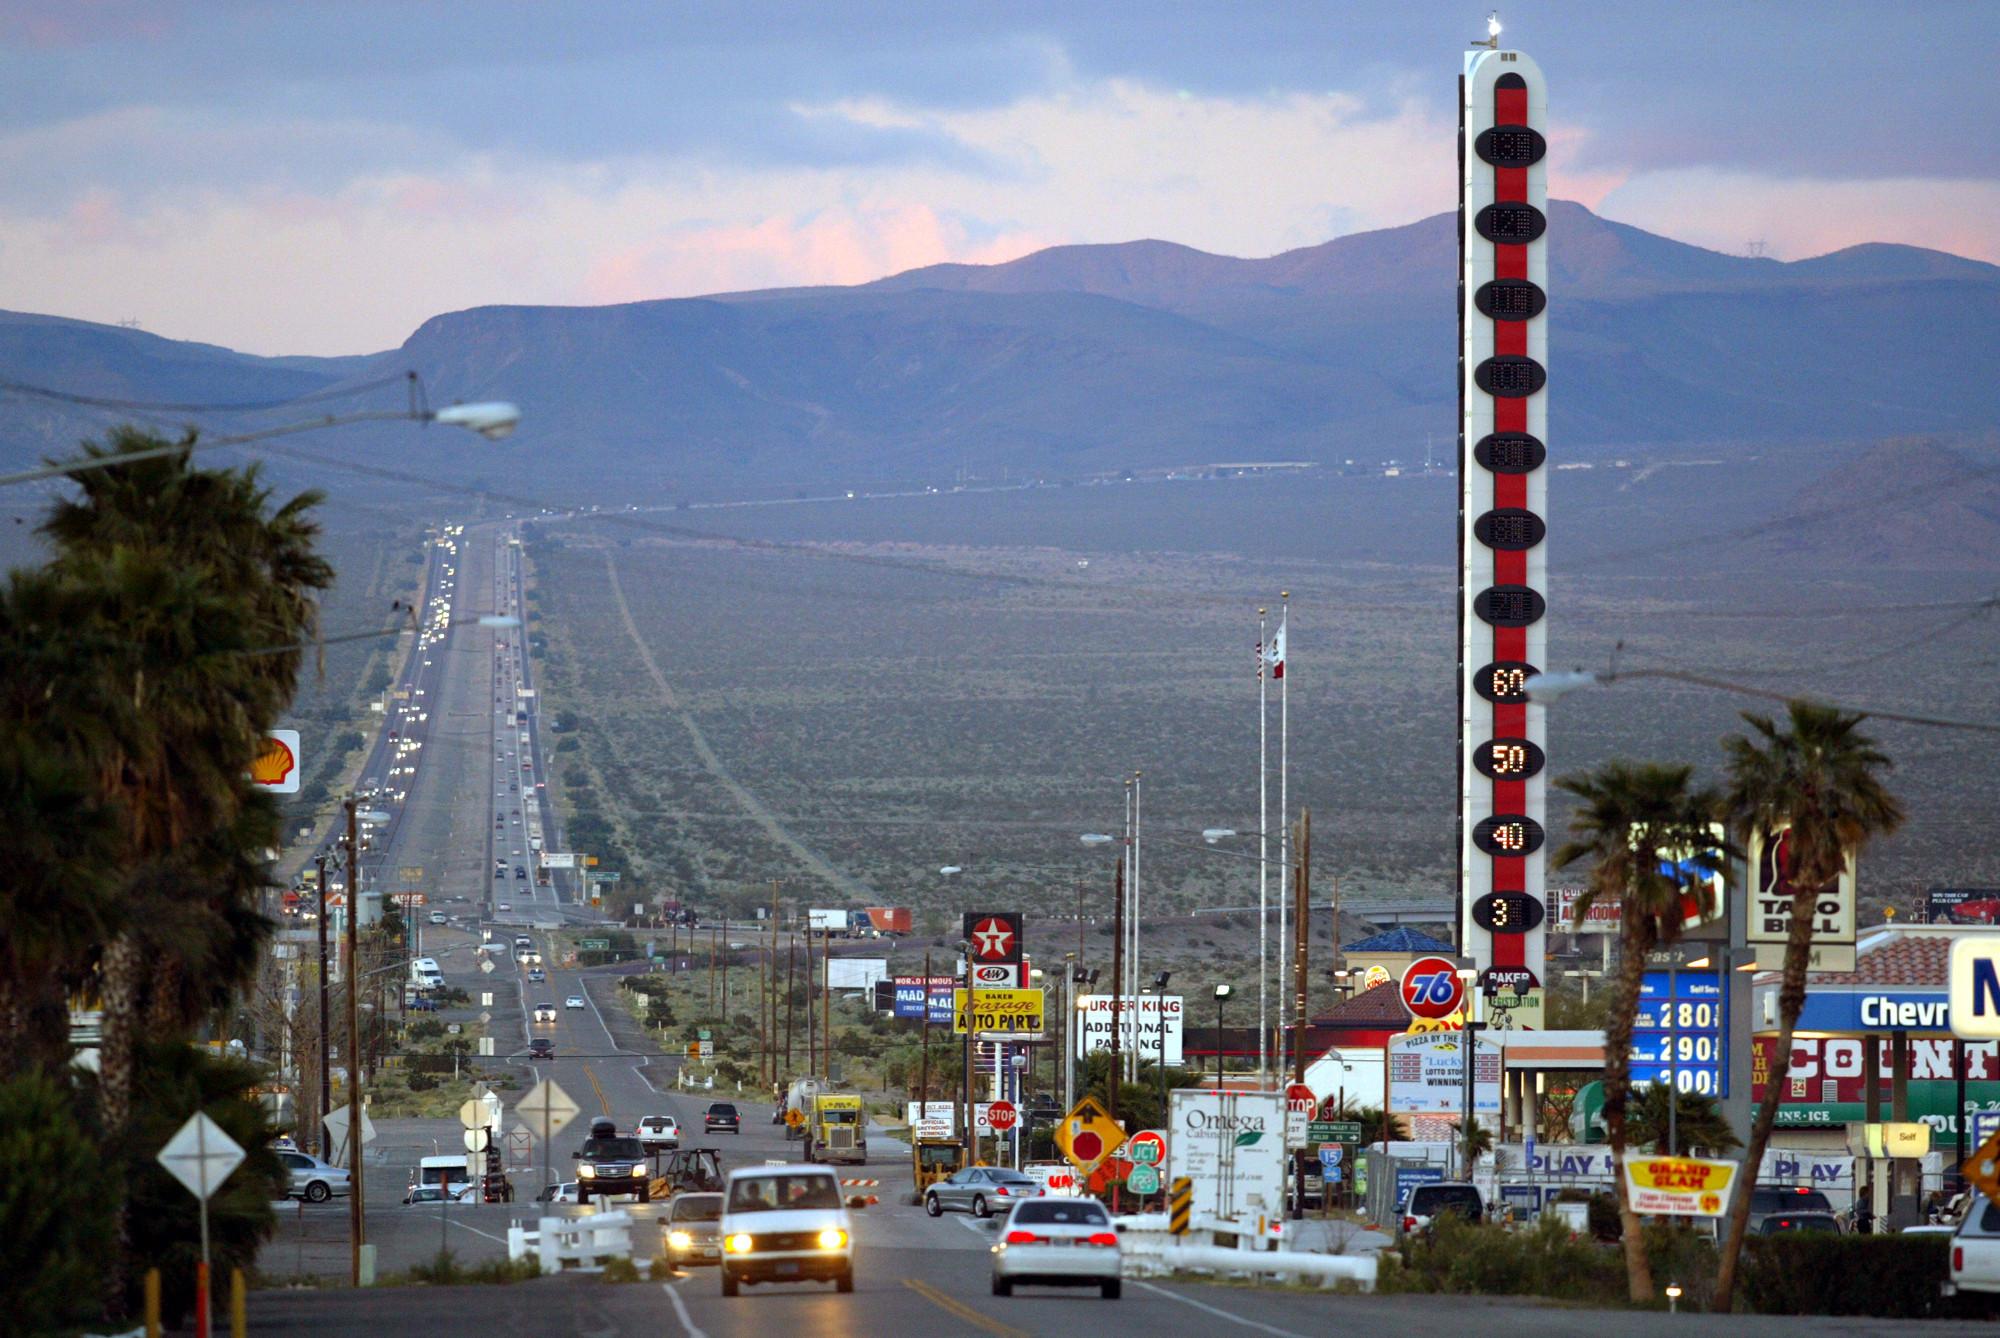 Best Travel Deals For Las Vegas